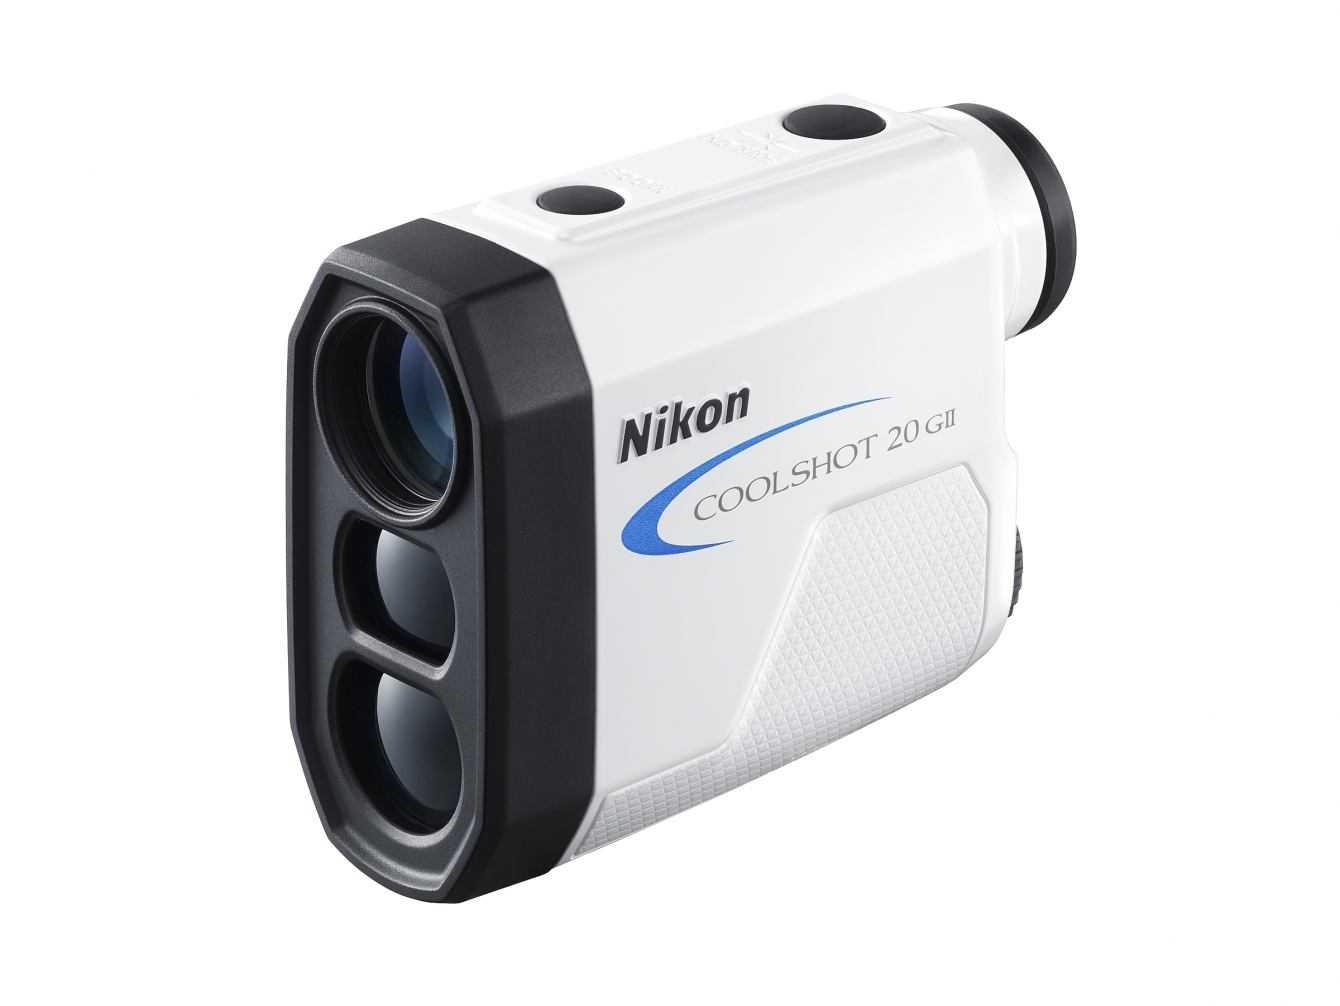 Nikon presenta il telemetro Laser Coolshot 20 GII